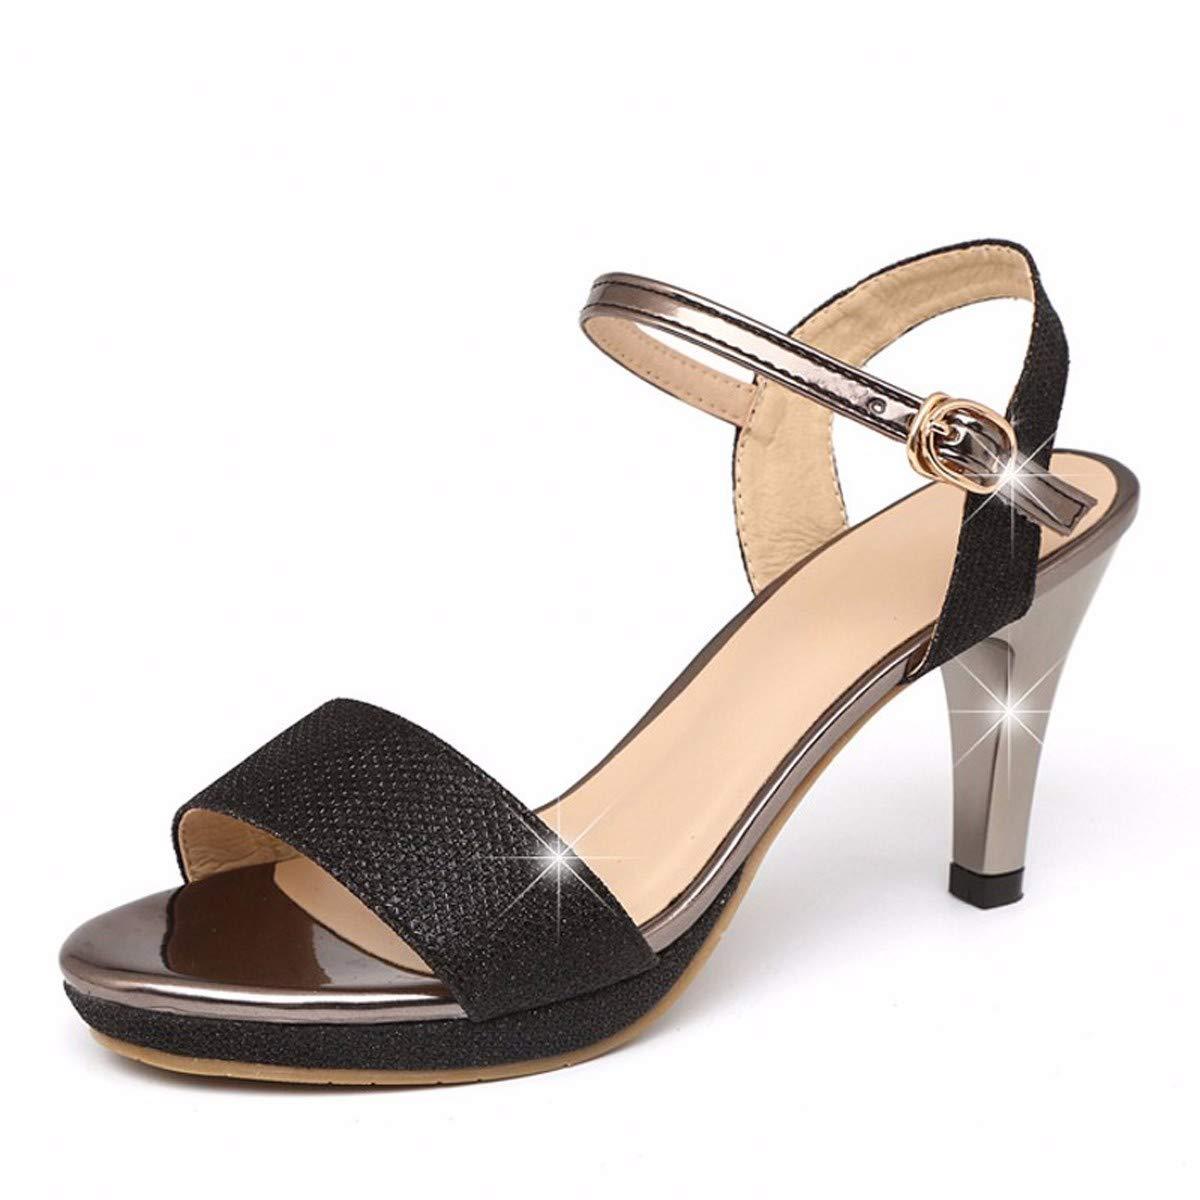 KOKQSX-Sandalen sexy schön bei fuß Damenschuhe Schnalle Leder Hochhackigen Sandalen 6 cm 38 schwarz